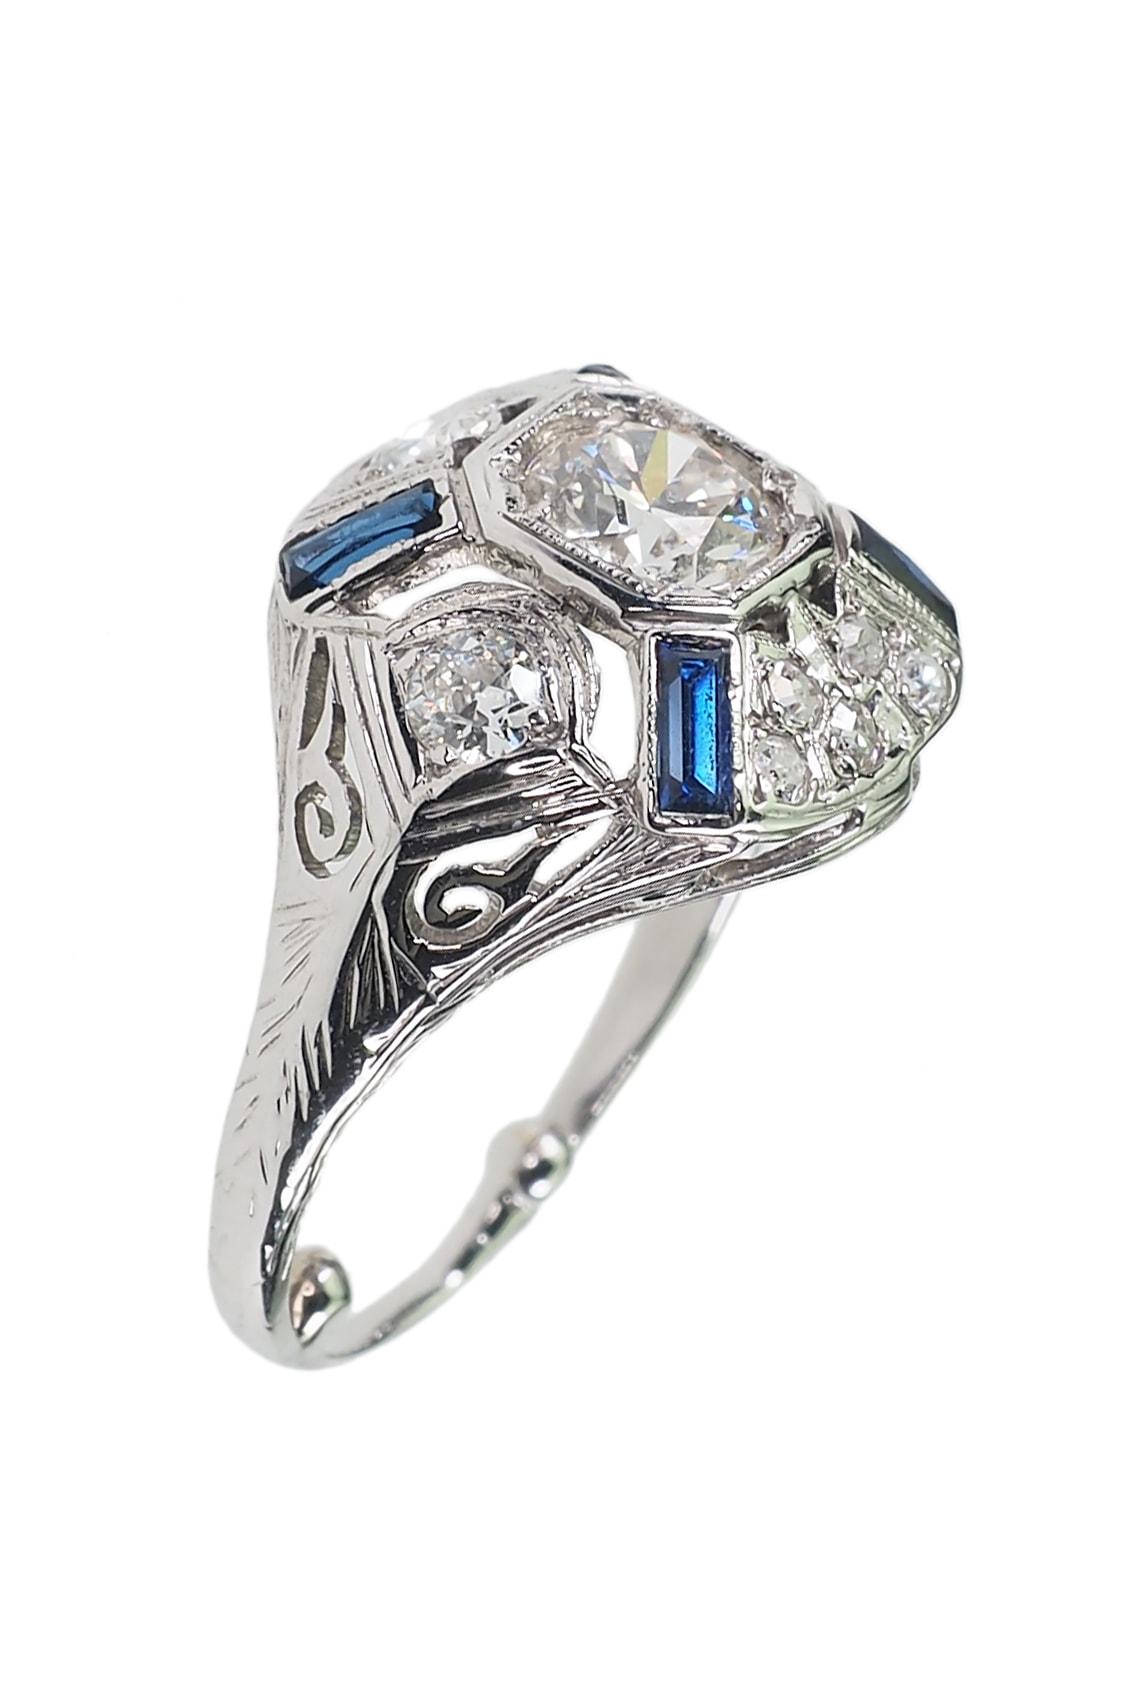 ring-0598b